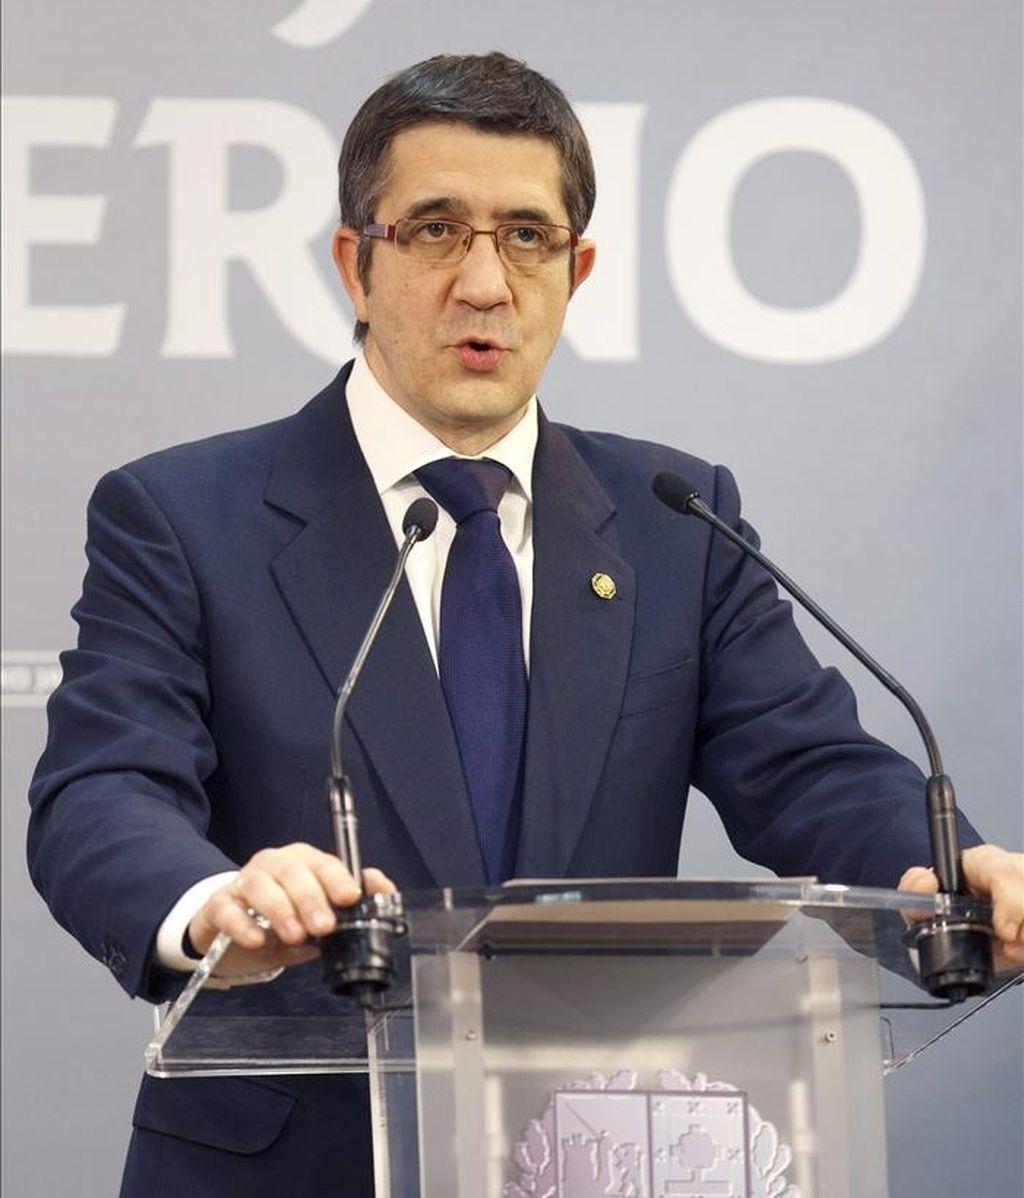 El lehendakari, Patxi López, durante su comparecencia hoy ante la prensa en la sede de la Presidencia del Gobierno vasco, en Vitoria, para analizar el comunicado de ETA. EFE